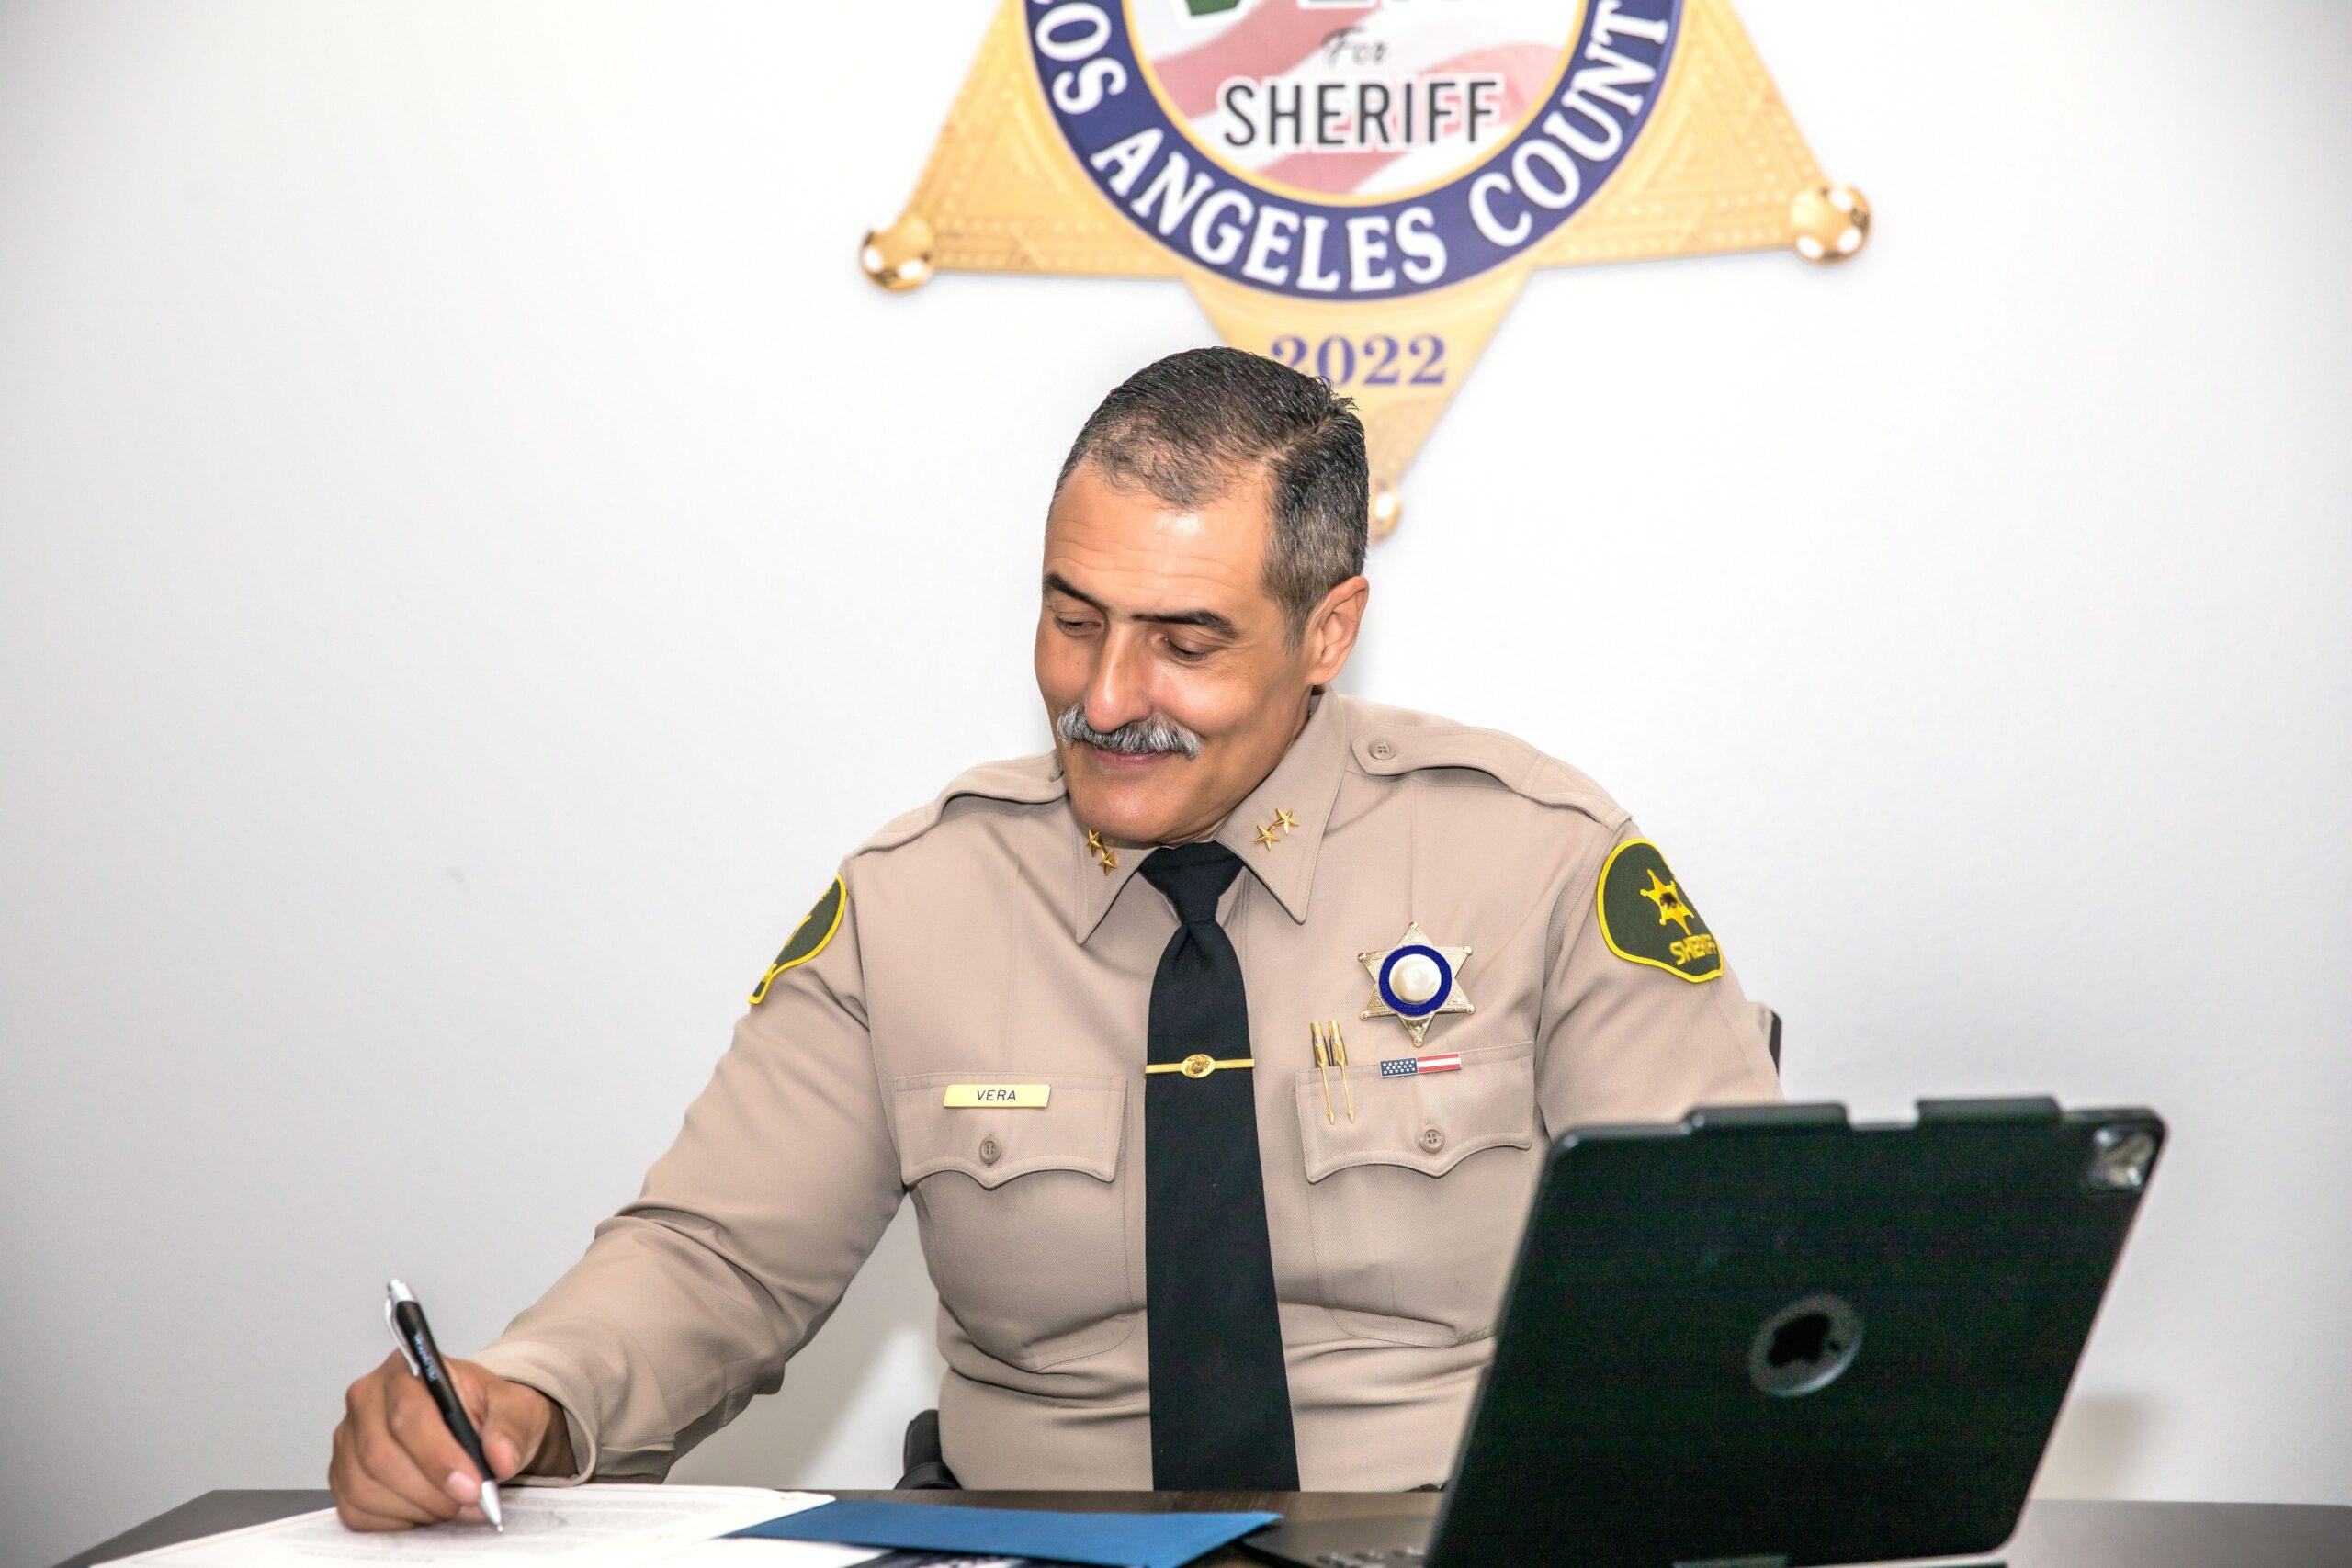 Eli Vera 4 Sheriff